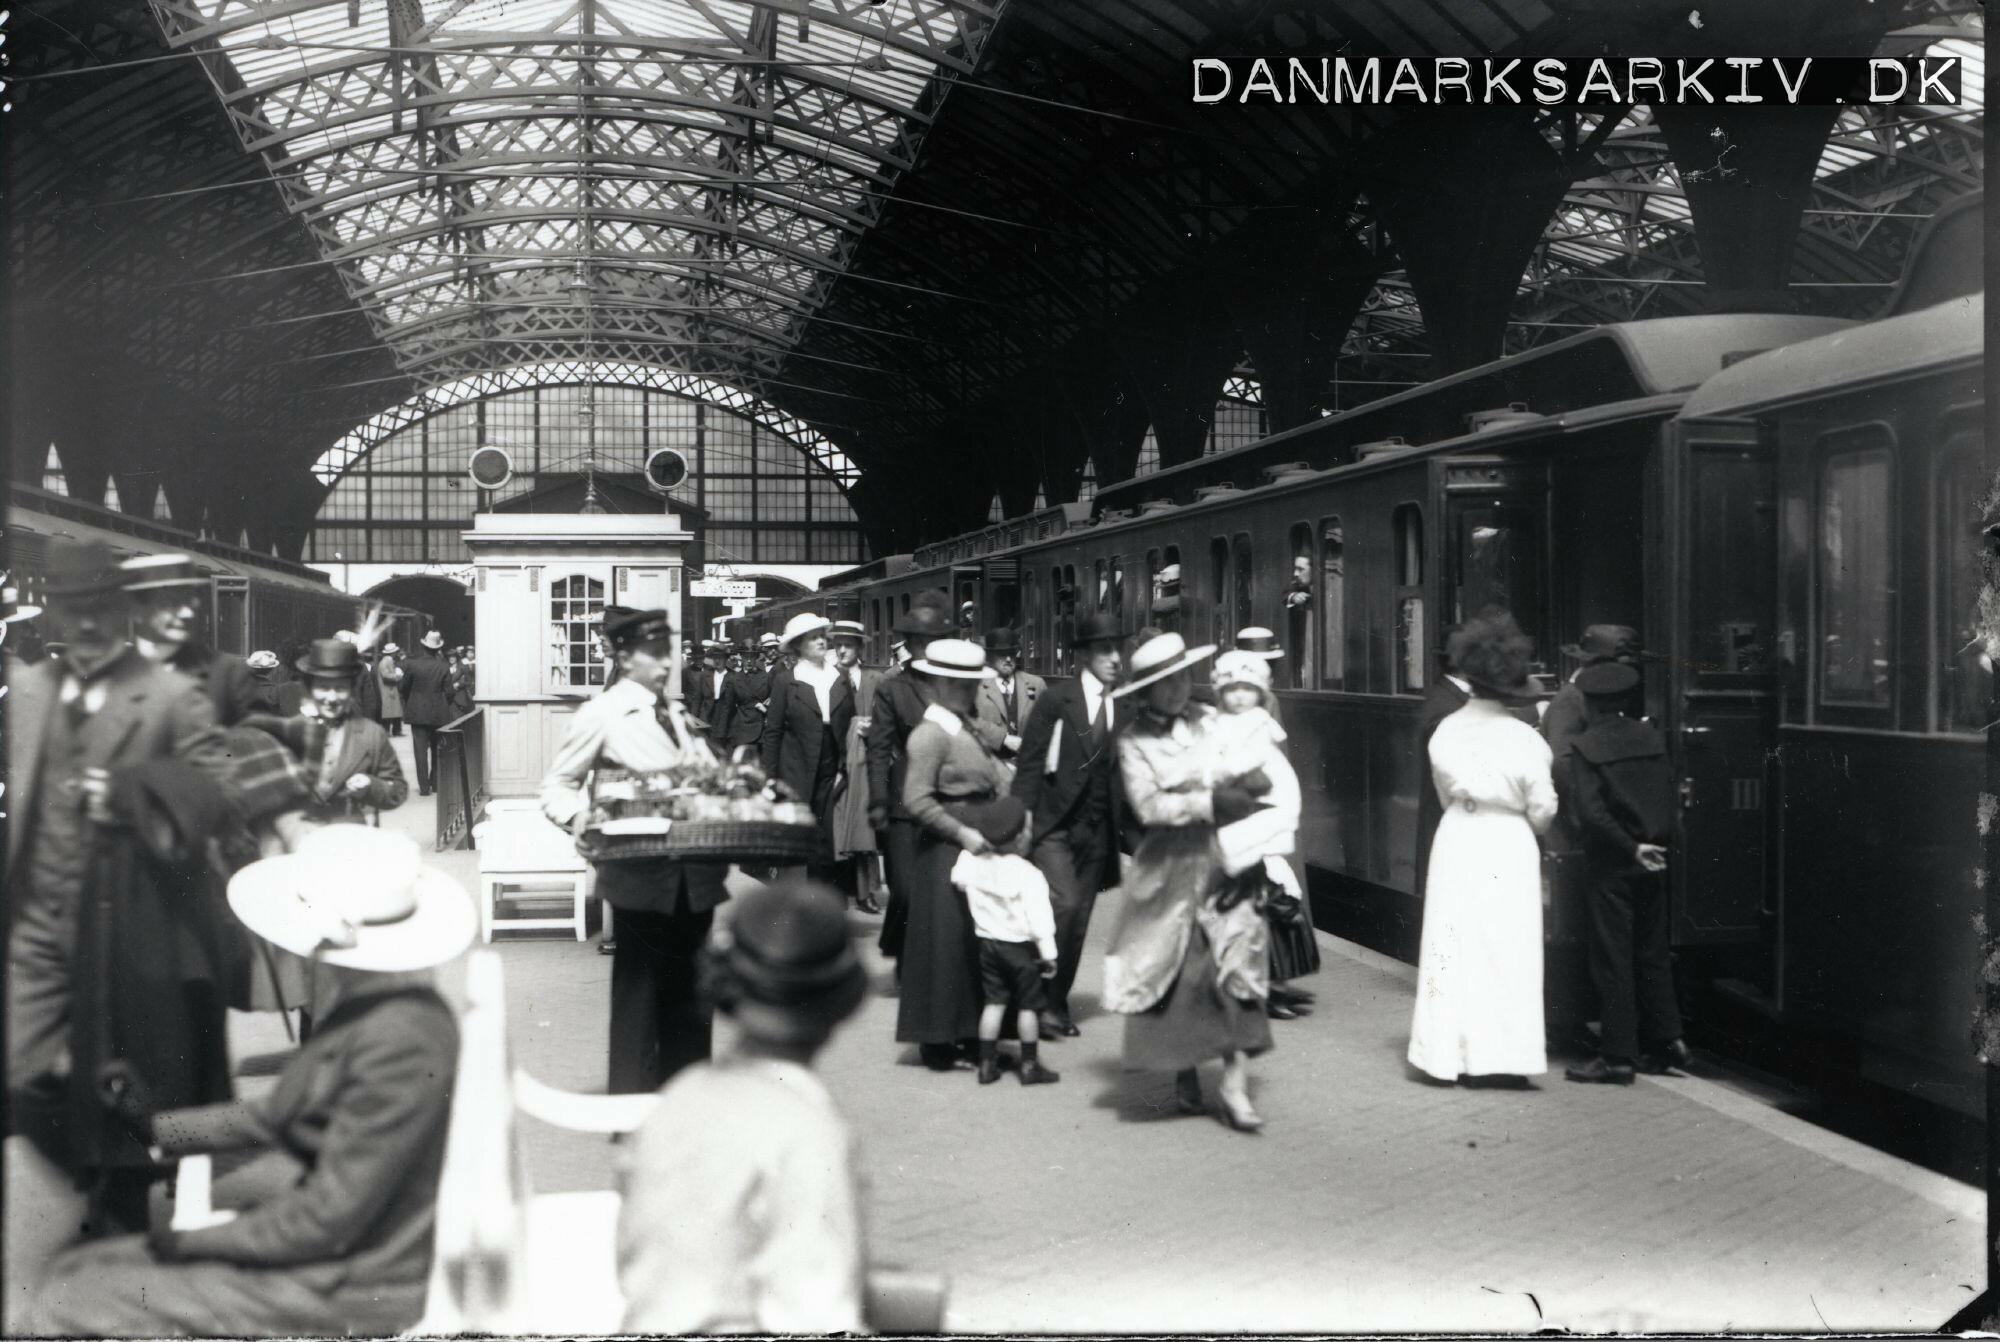 Jyllandsekspressen afgår fra Københavns Hovedbanegård - Juli 1916